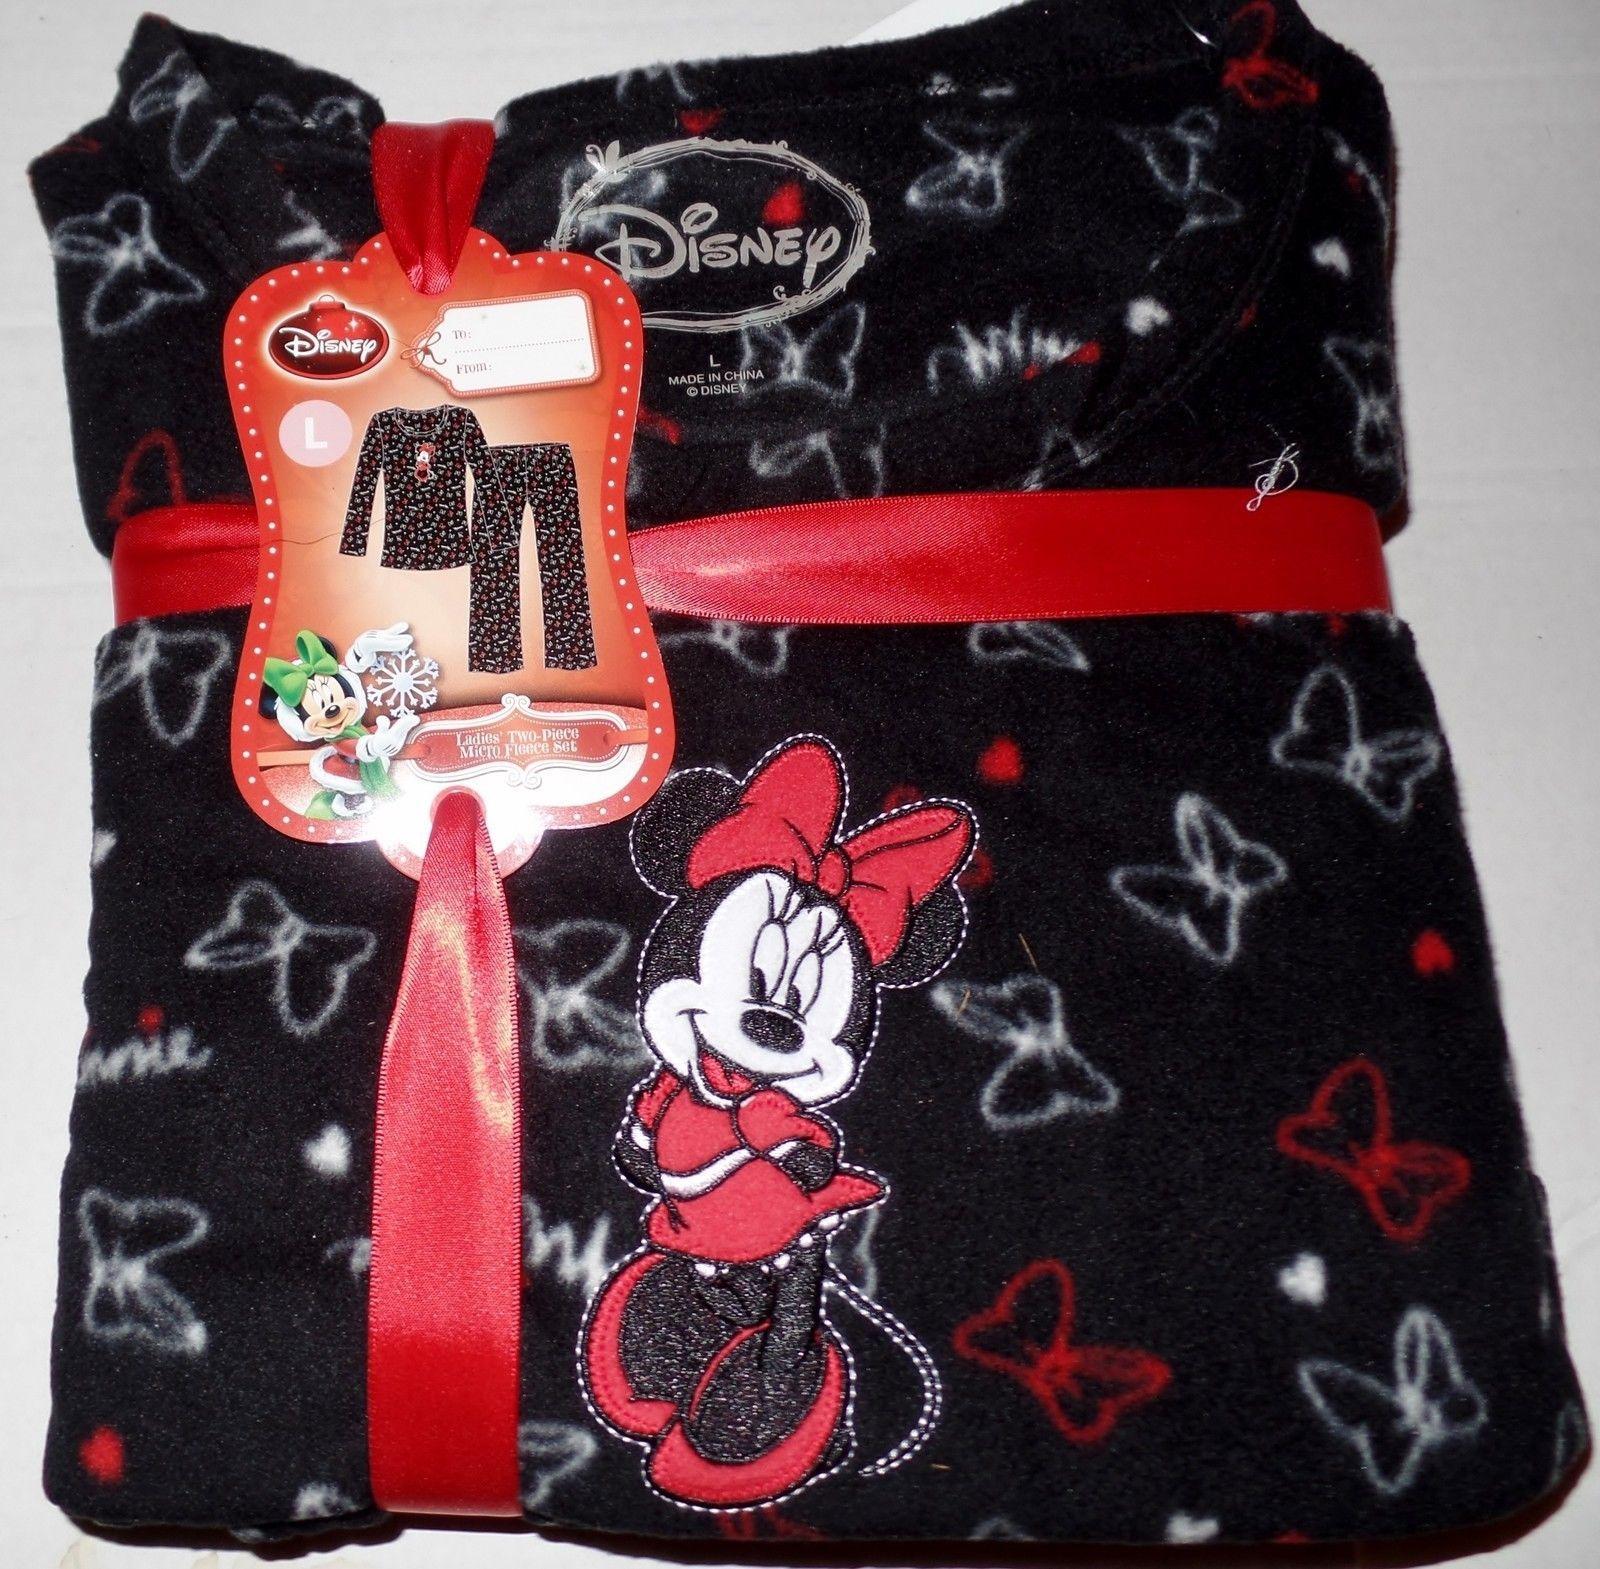 NWT Womens Disney Mickey Minnie 2 pc Med X-mas Valentines Pajama Set  sz